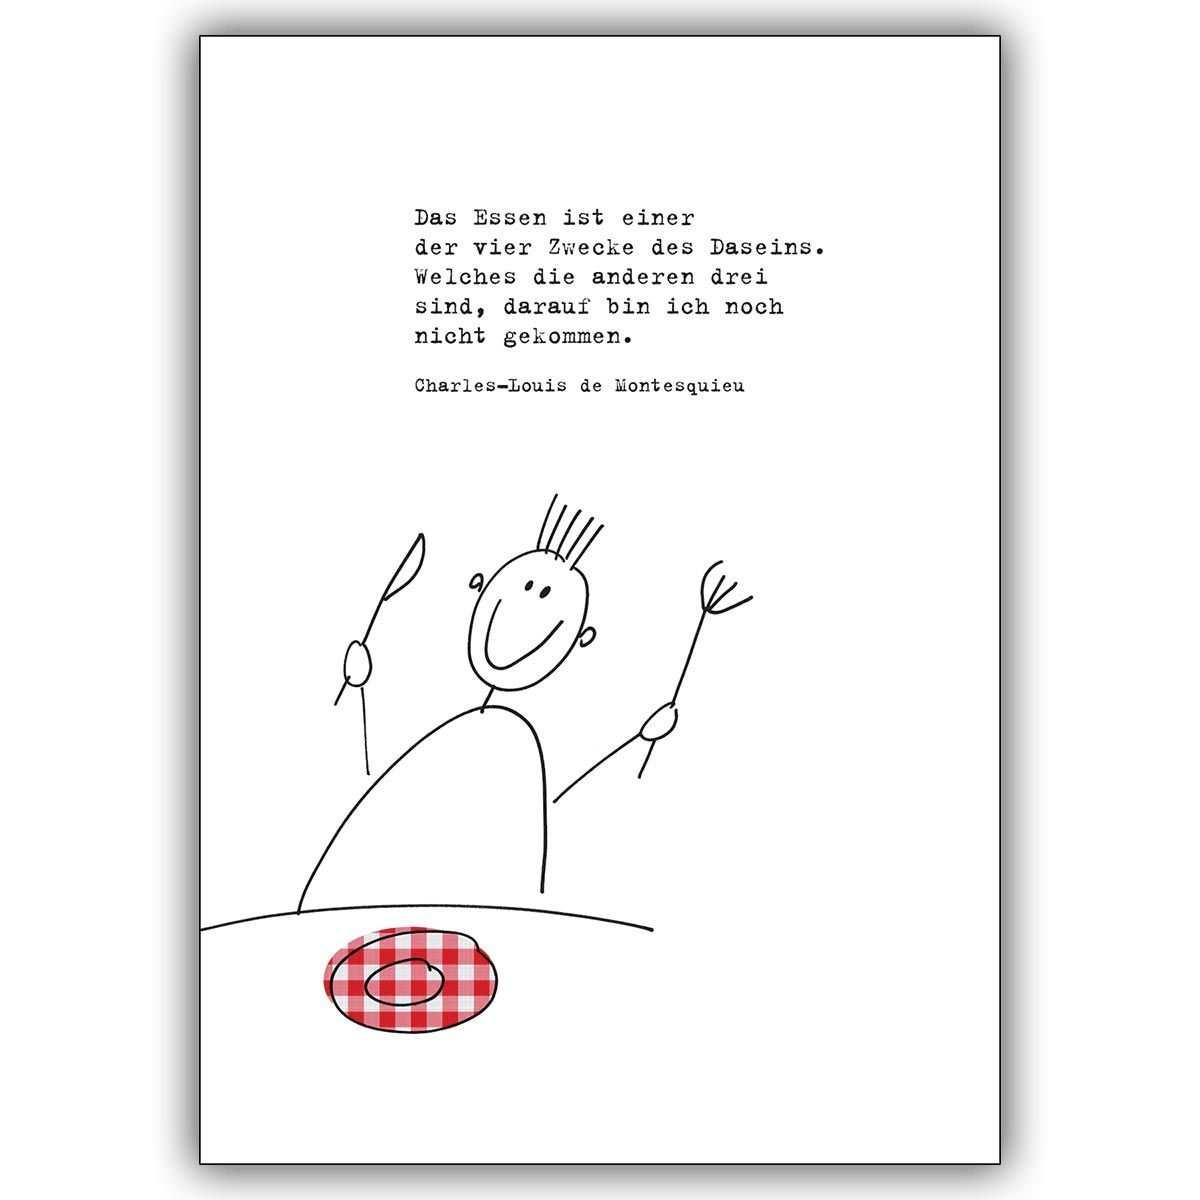 Moderne Einladungskarte Zum Essen Mit Passendem Montesquieu Zitat